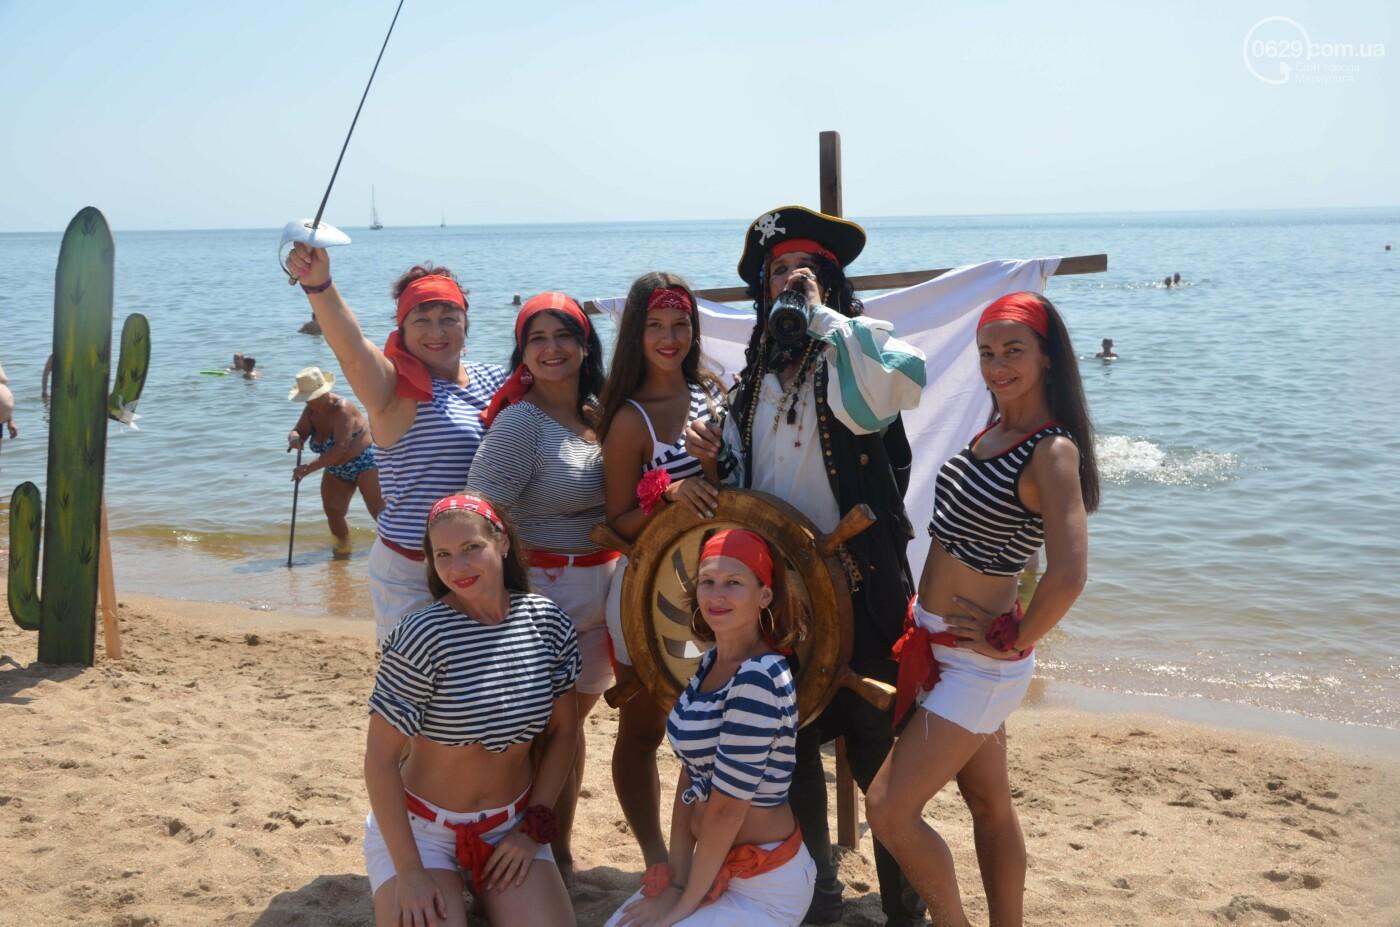 Дискотека, пираты и обливание.  Как  в Мариуполе отметили День Нептуна, - ФОТОРЕПОРТАЖ, фото-6